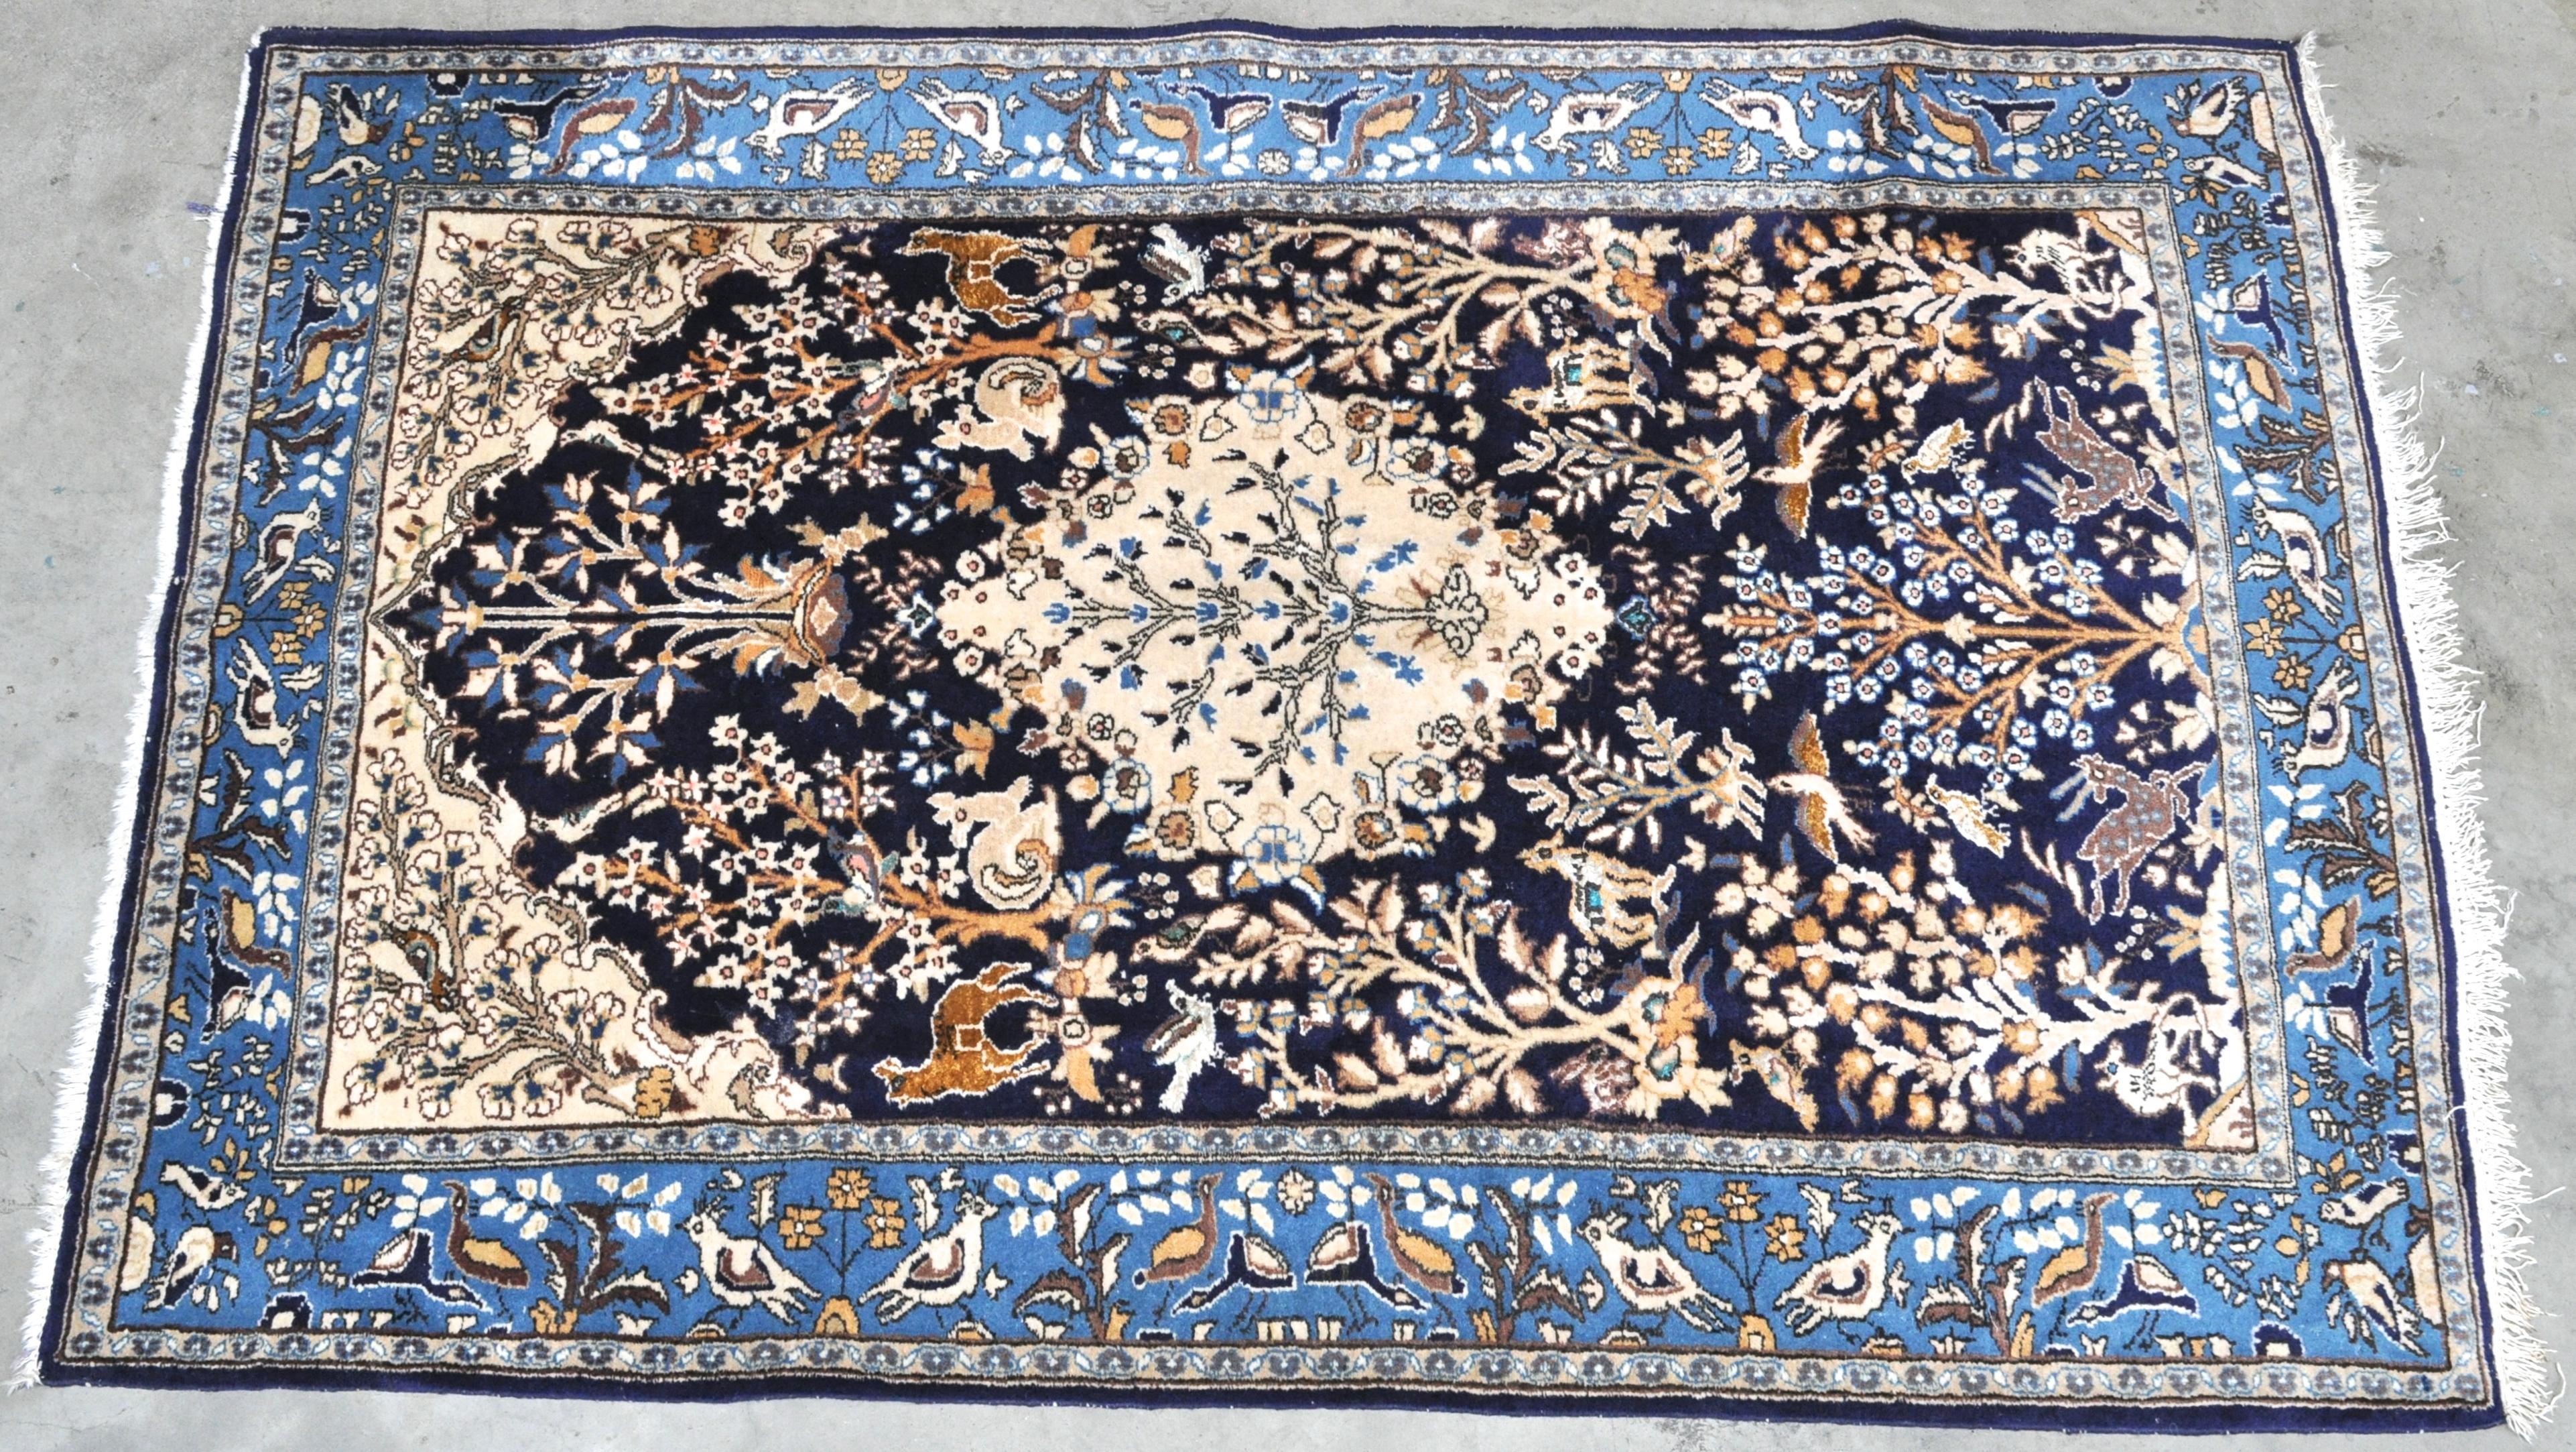 Perzisch Tapijt Goedkoop : Een perzisch tapijt. top abrisham perzisch tapijt with een perzisch